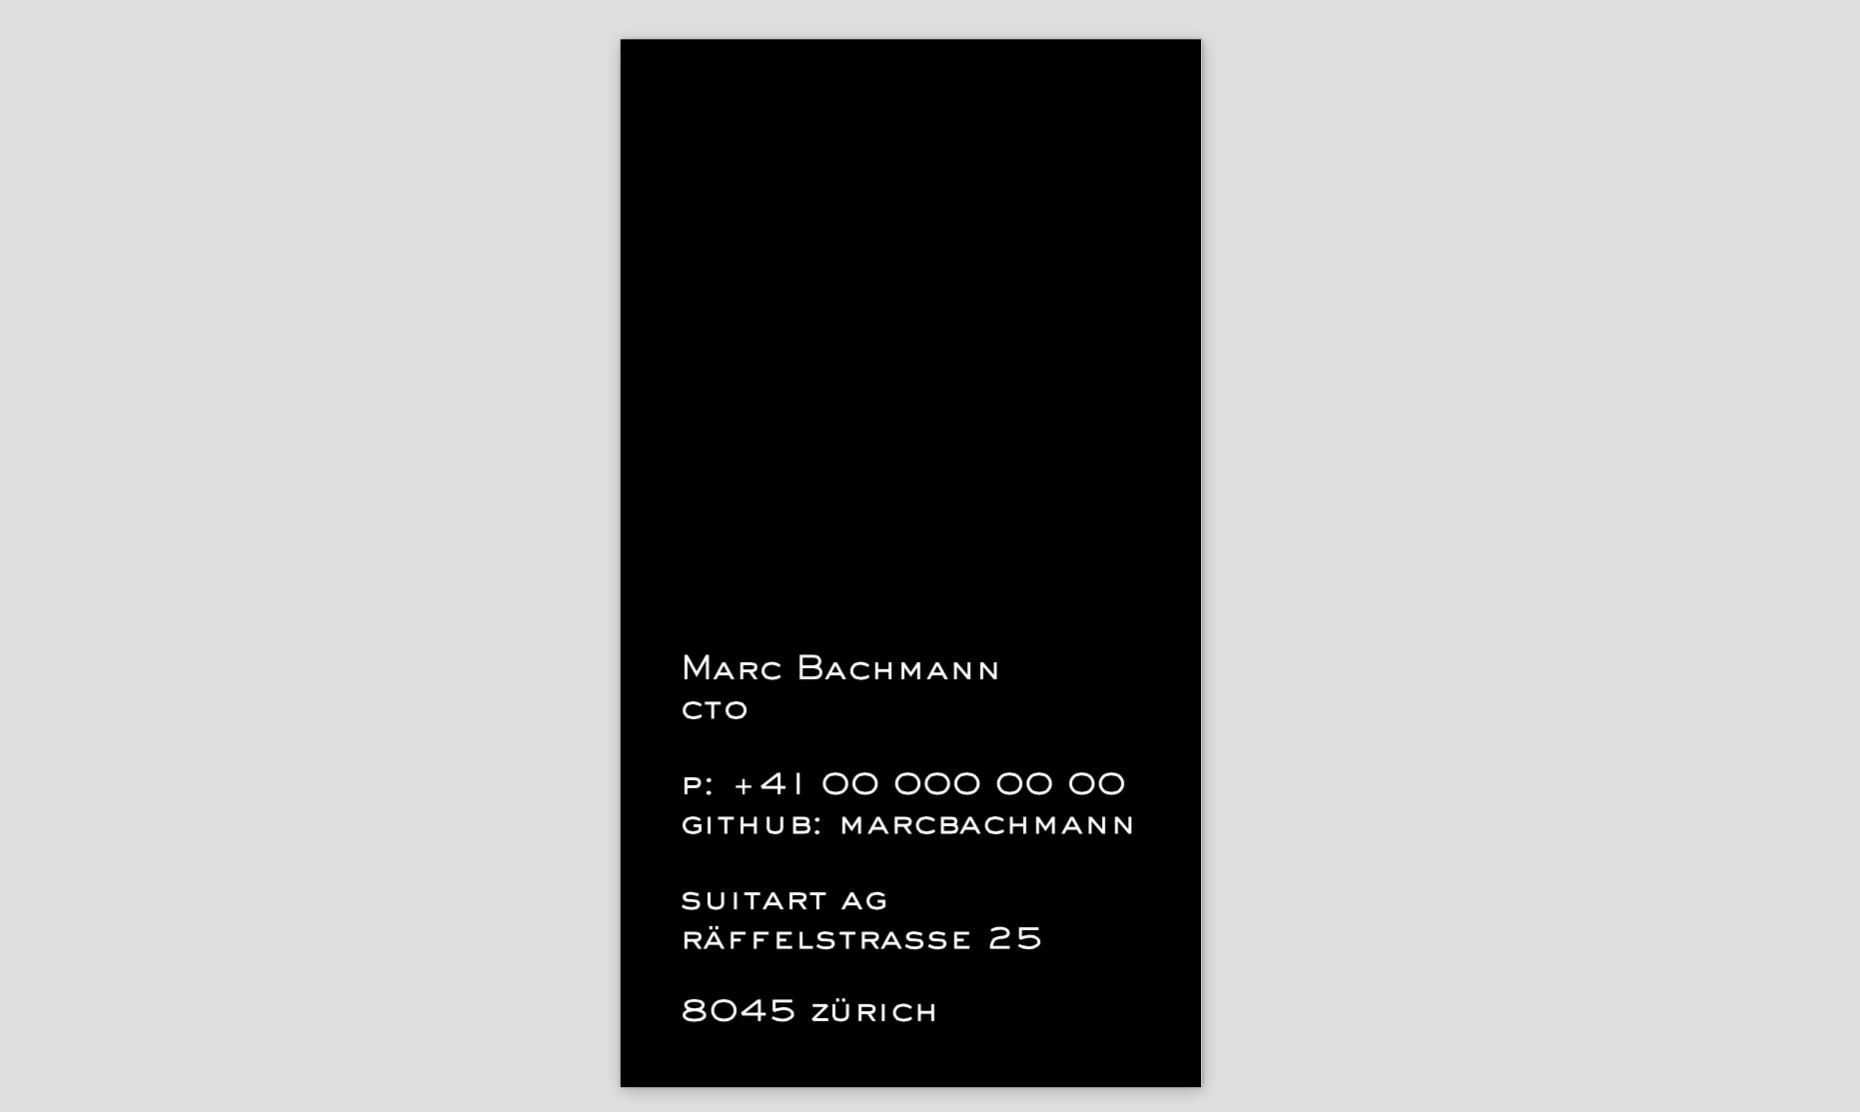 node-html-pdf by marcbachmann